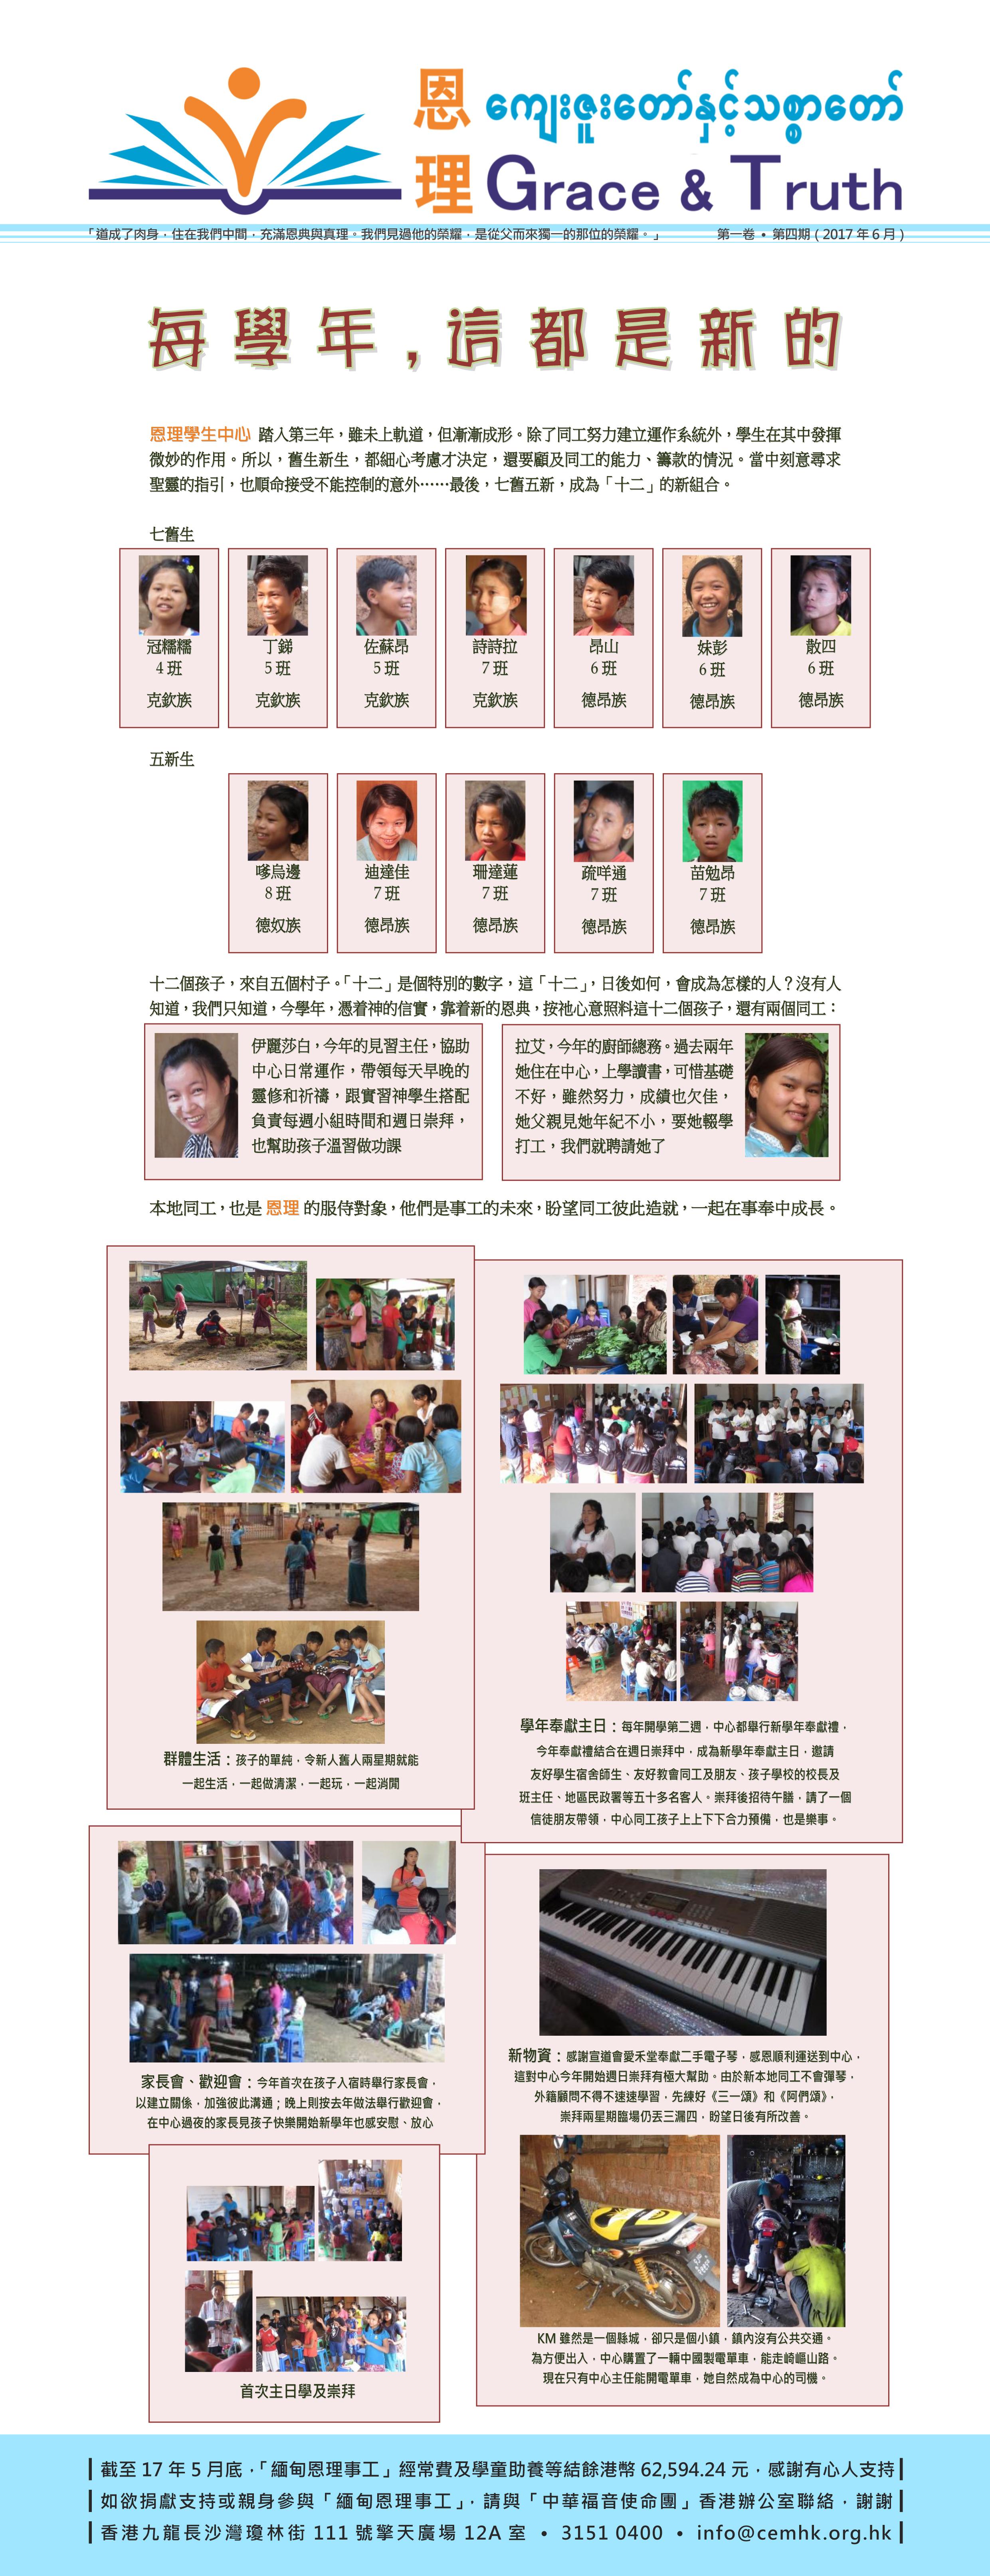 恩理學生中心通訊(4)2017年6月